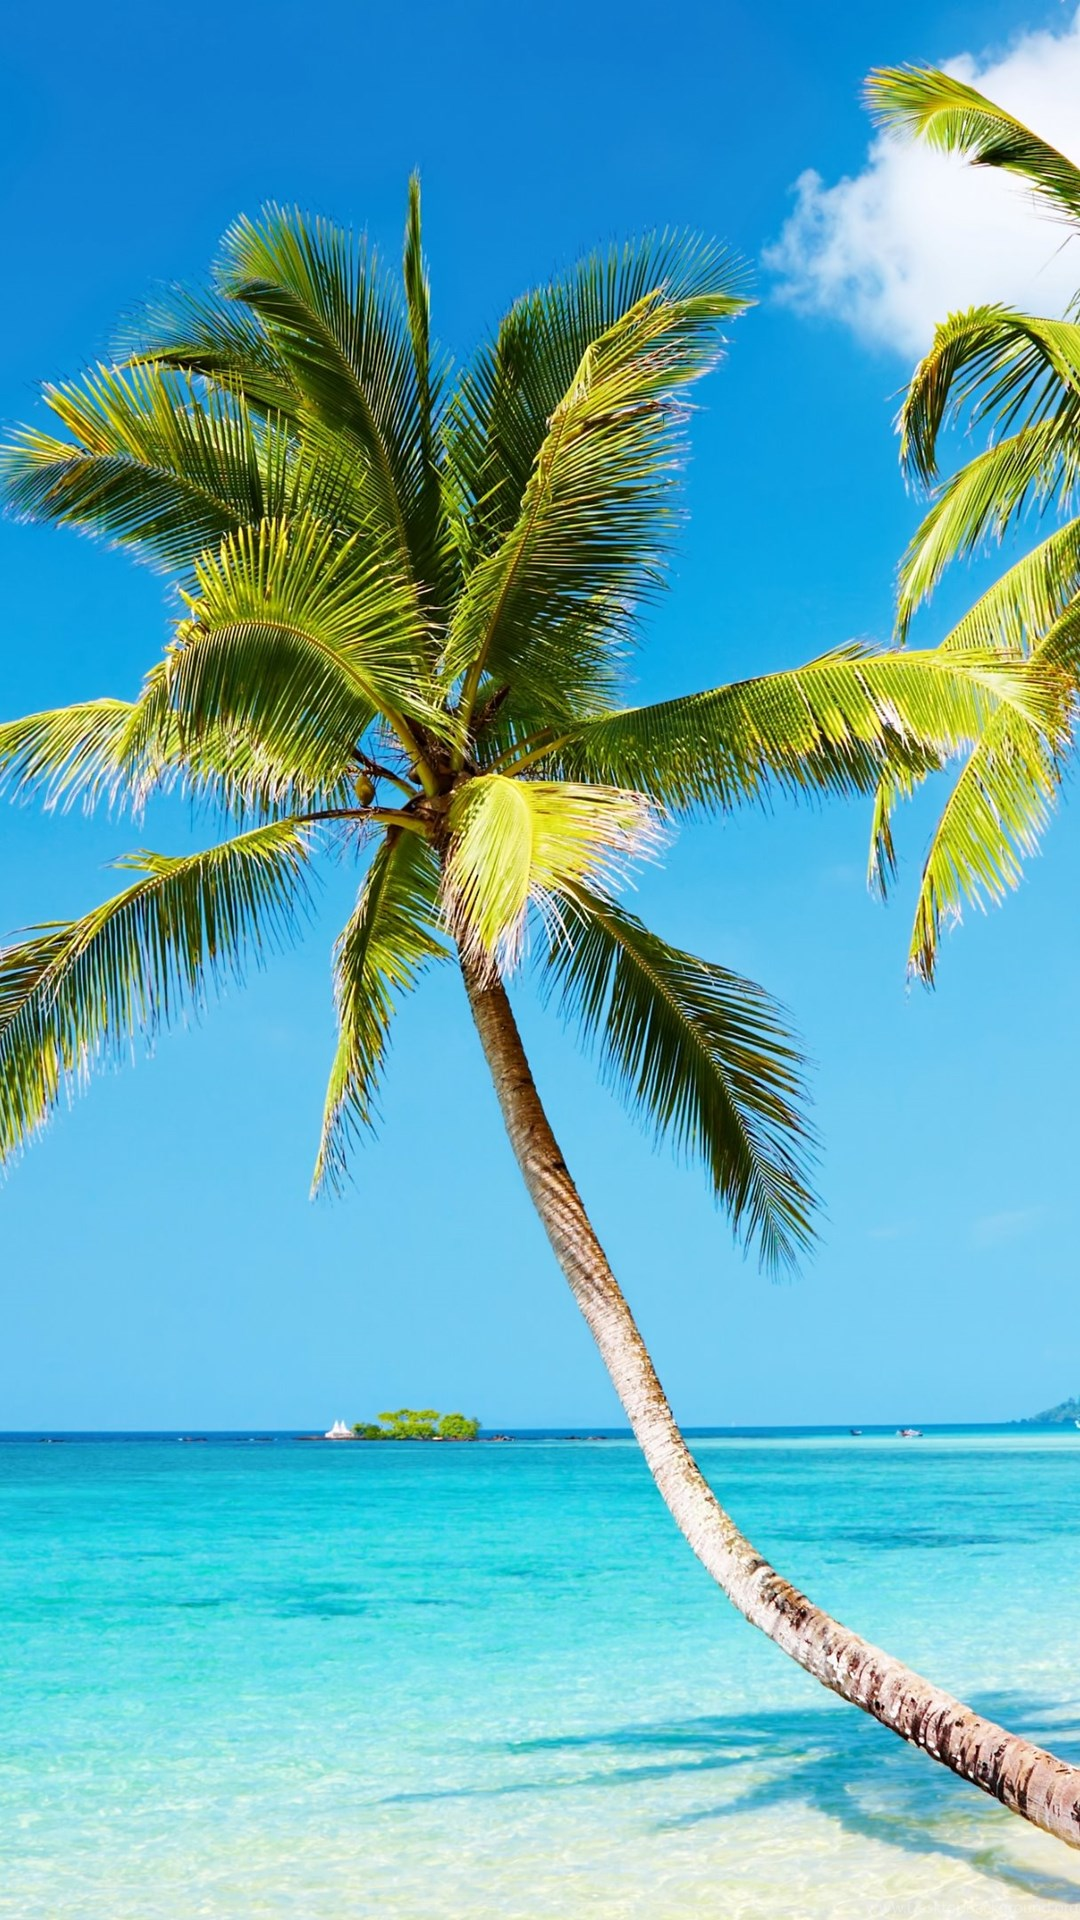 Tropical Beach 4k Ultra Hd Wallpapers Desktop Background